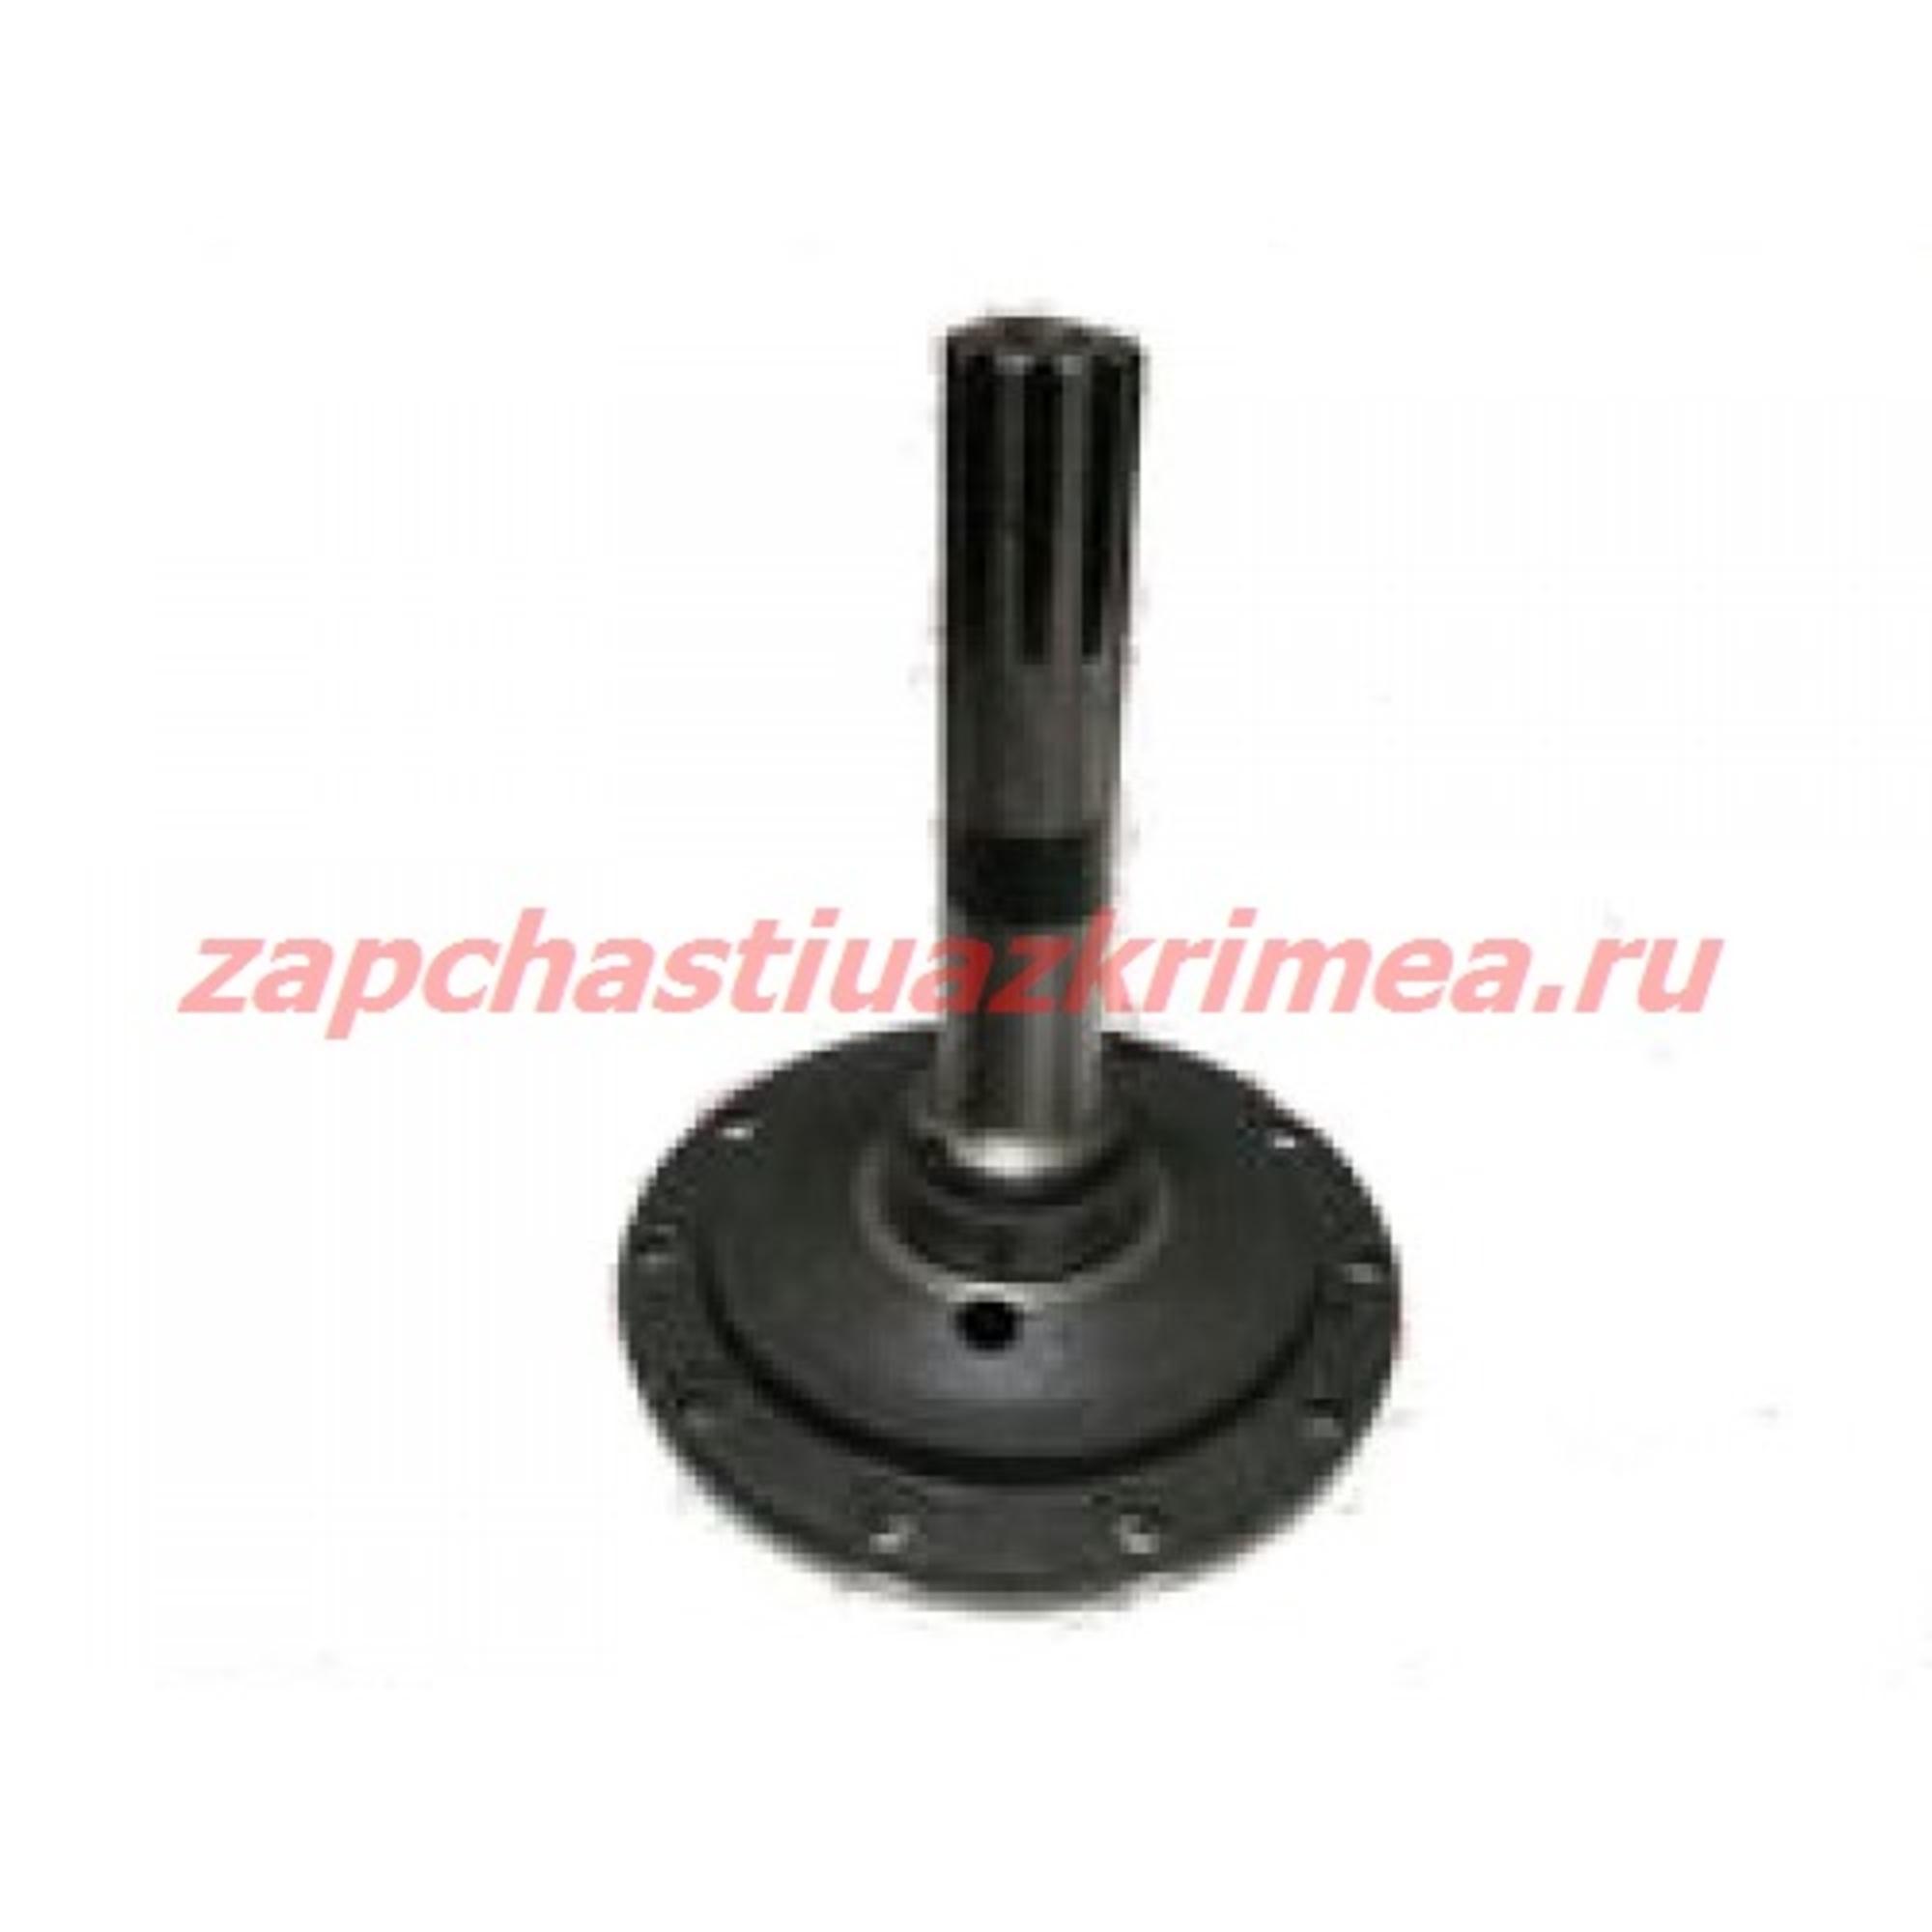 Вал ведомый шестерни колеcного редуктора УАЗ передний правый с точкой 0469-00-2307122-02